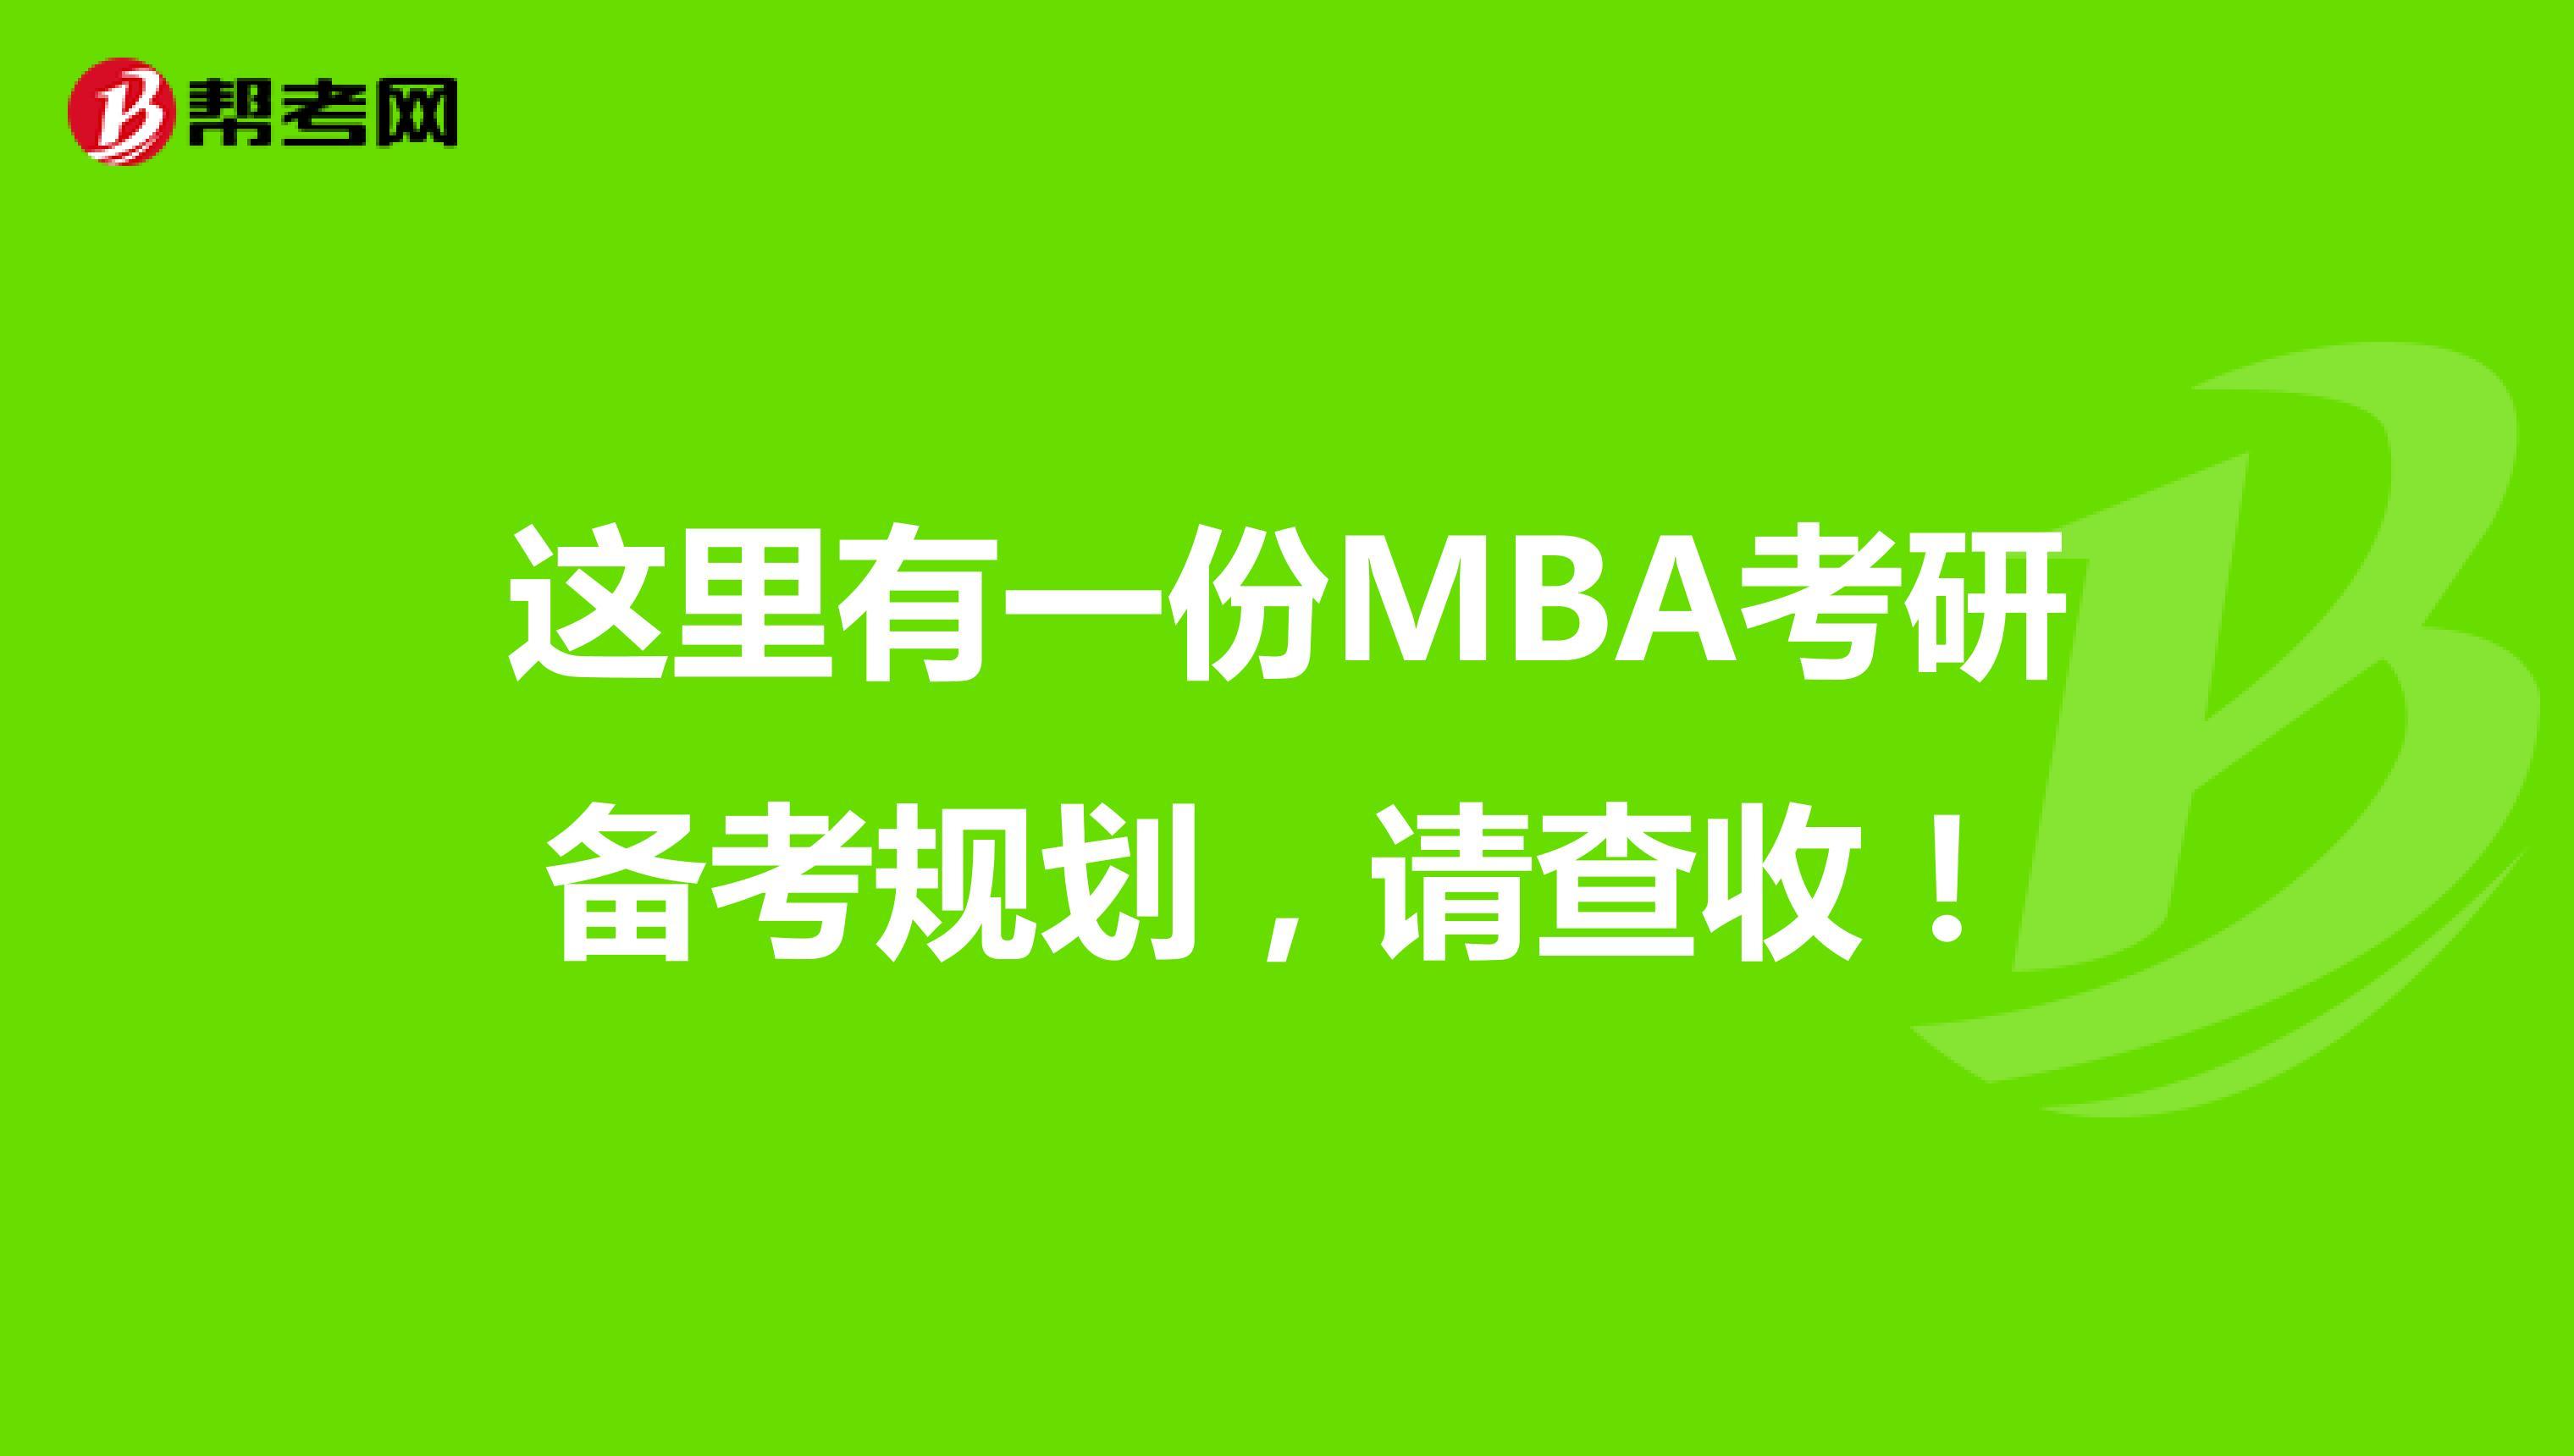 这里有一份MBA考研备考规划,请查收!